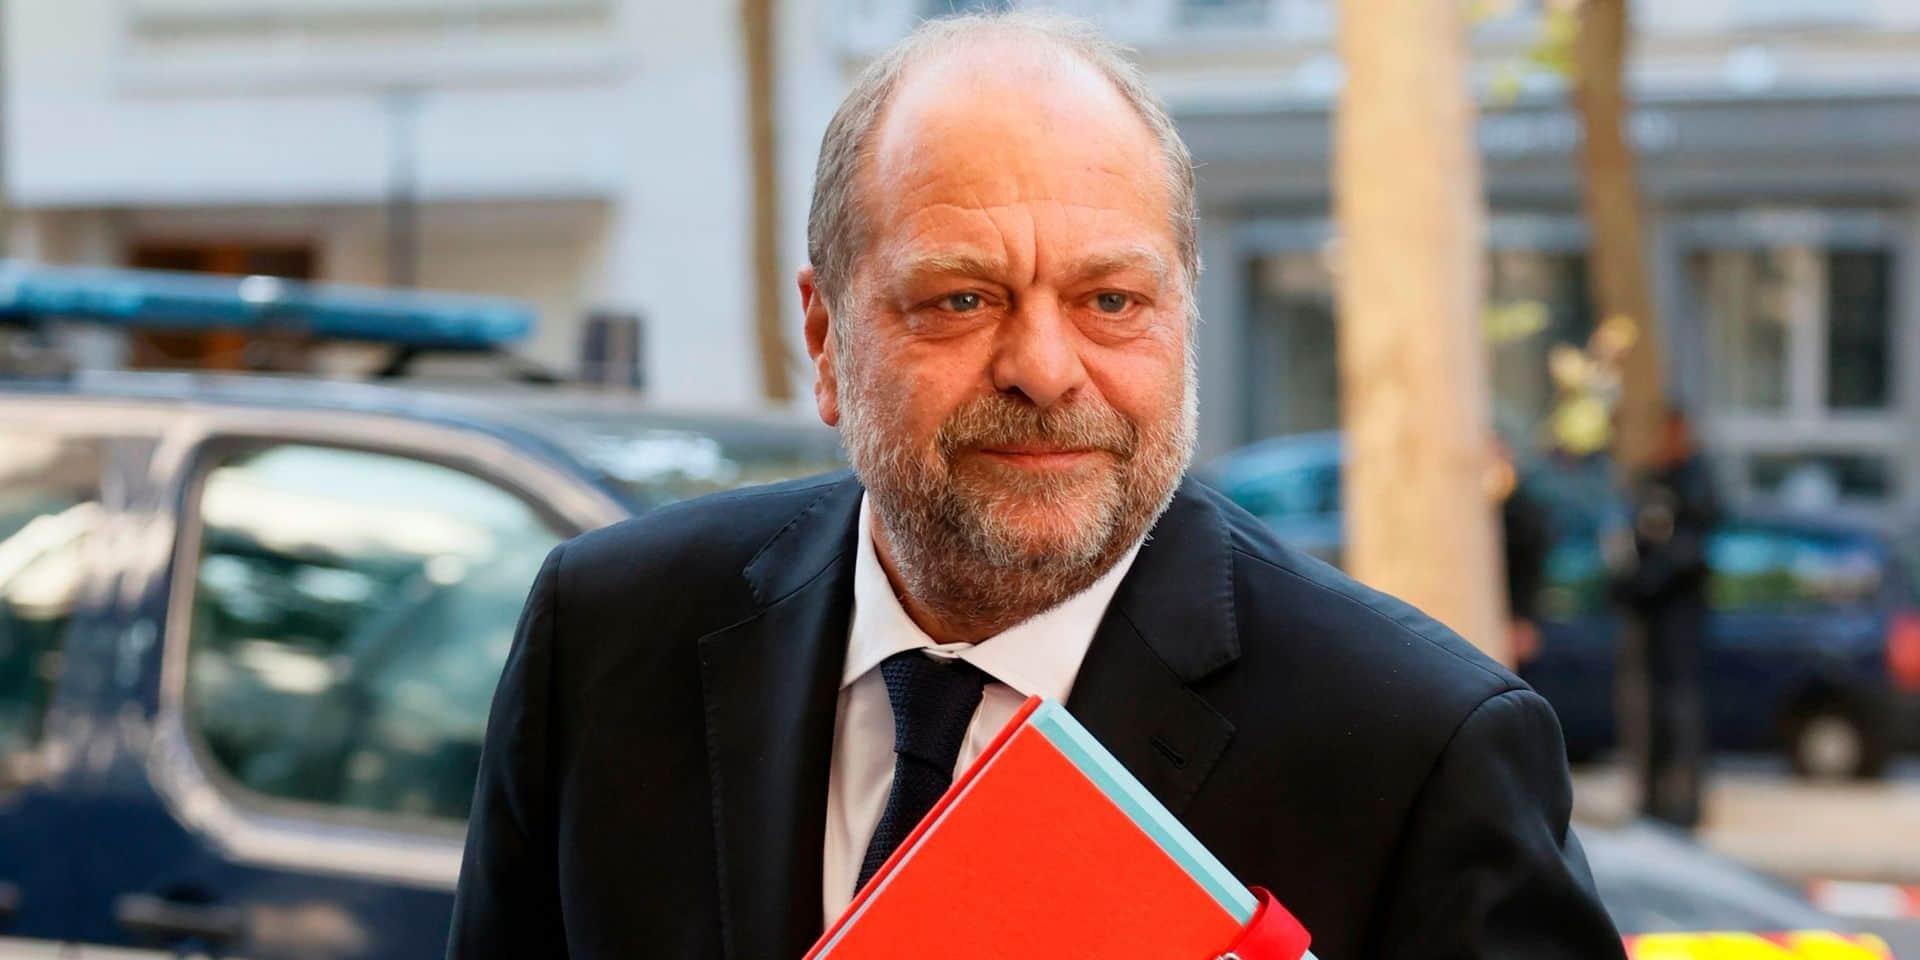 Après la nomination d'Eric Dupond-Moretti, un procureur demande à être déchargé de ses fonctions